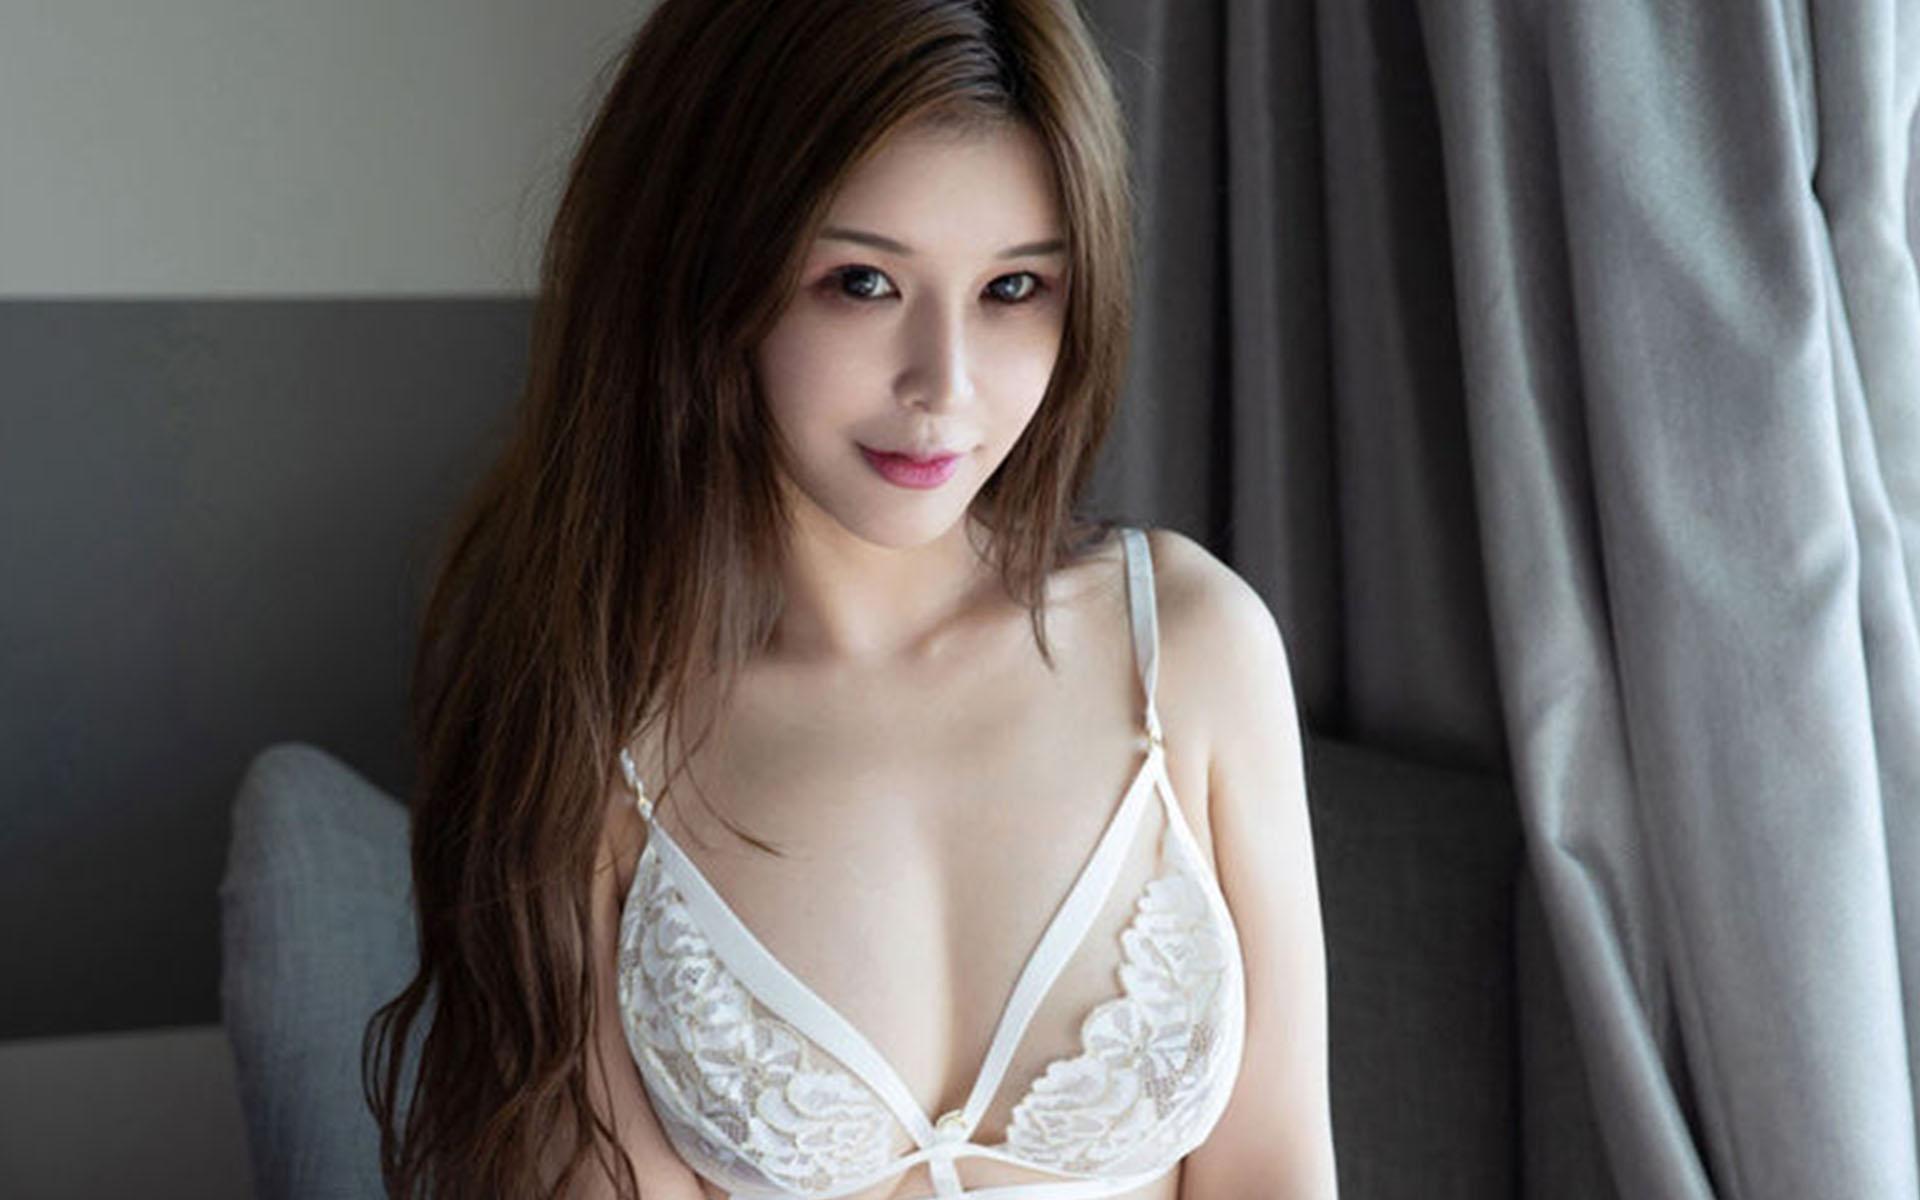 蕾丝透视装美女大胸肥臀性感玉足长腿写真桌面壁纸